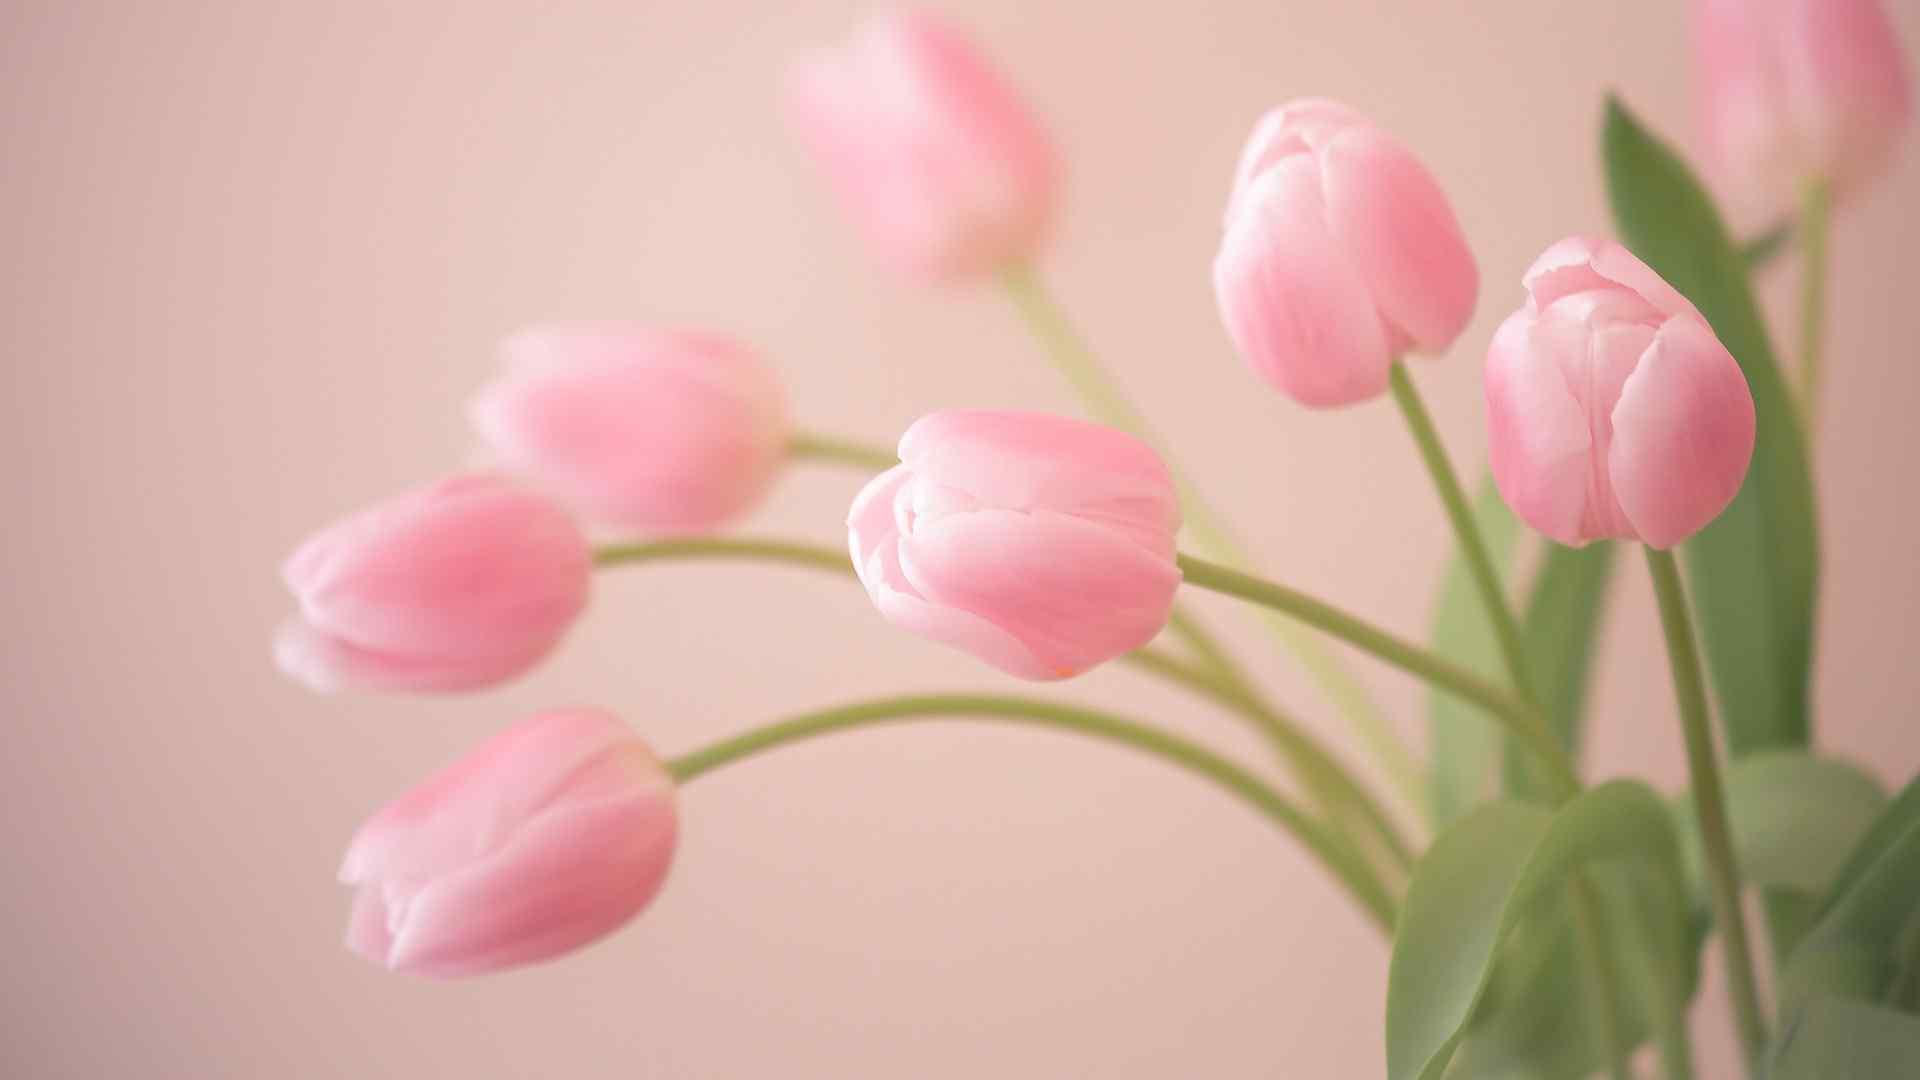 唯美清新粉色郁金香电脑壁纸